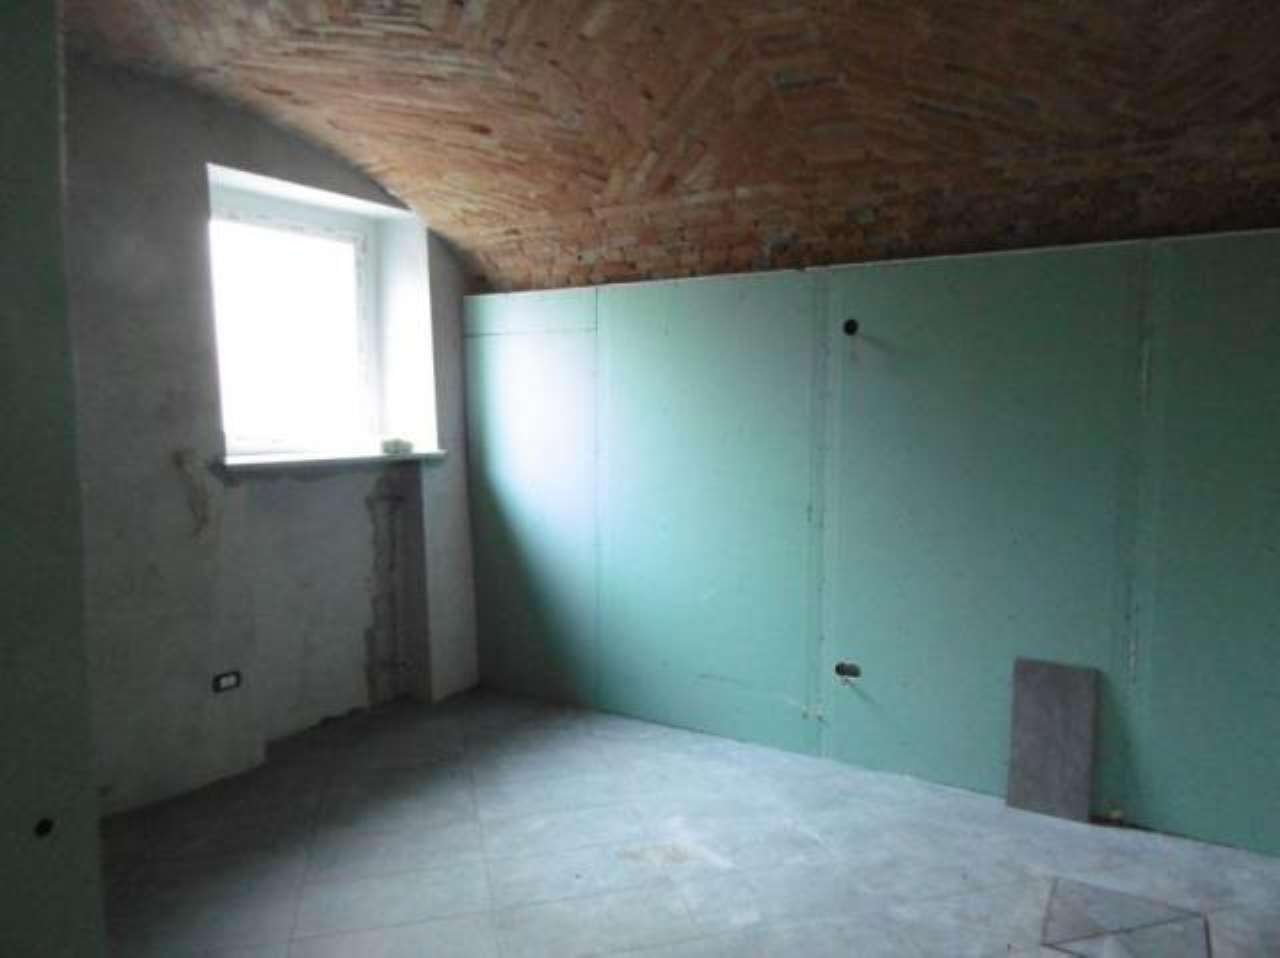 Ufficio / Studio in affitto a Rivalta di Torino, 2 locali, prezzo € 600 | CambioCasa.it